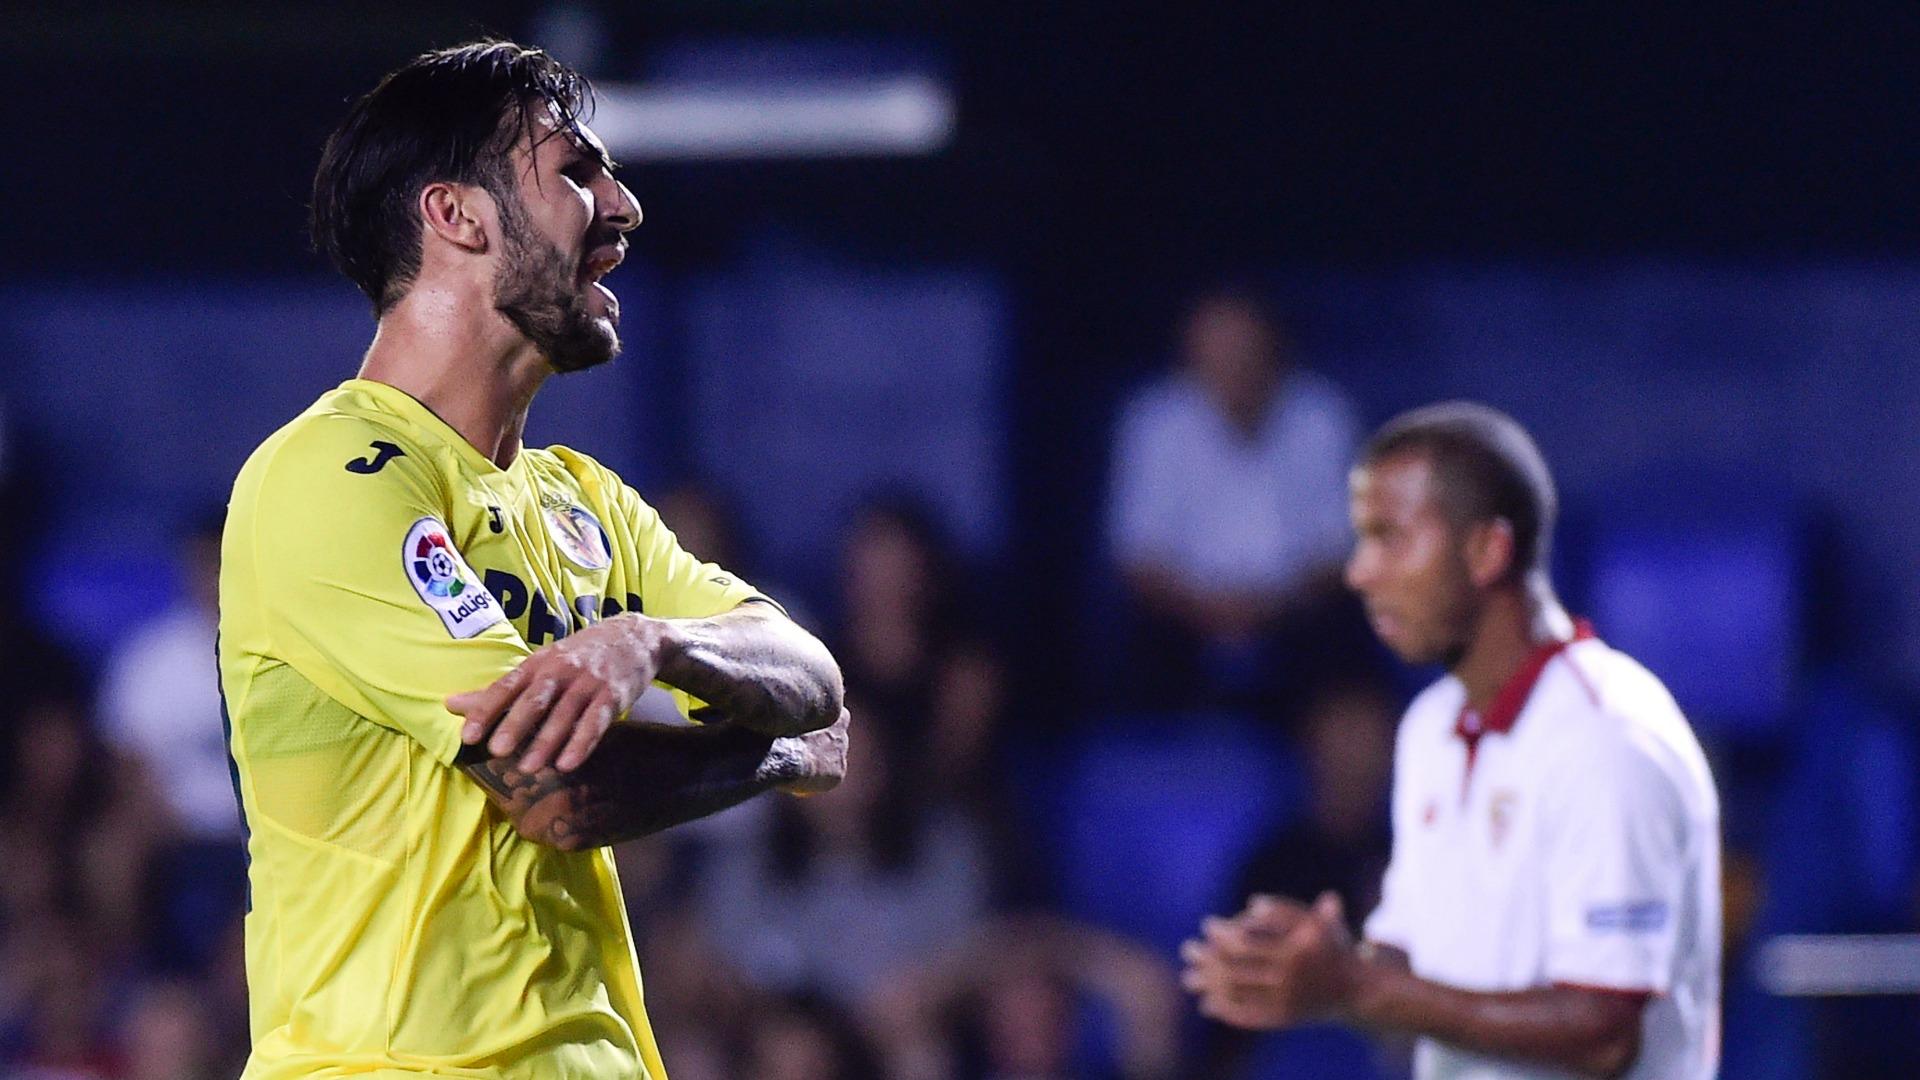 Calciomercato Inter, contatto con il Villarreal per Soriano